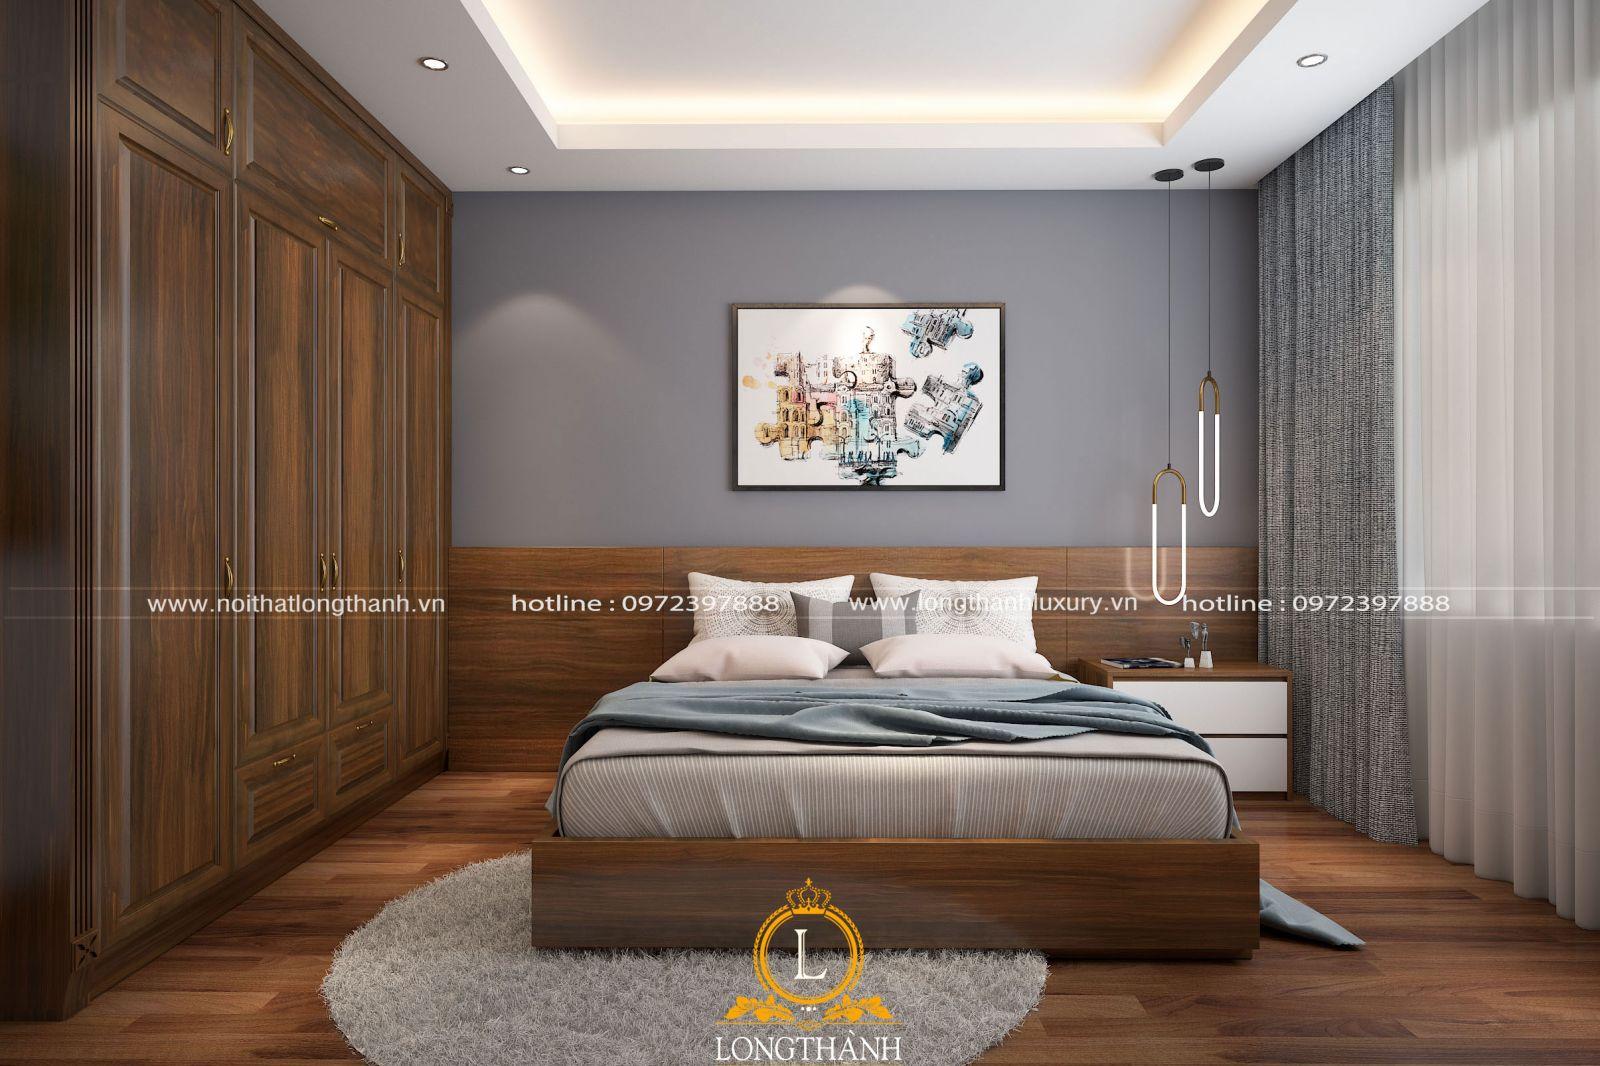 Thiết kế phòng ngủ đơn cho nhà phố với diện tích 12m2